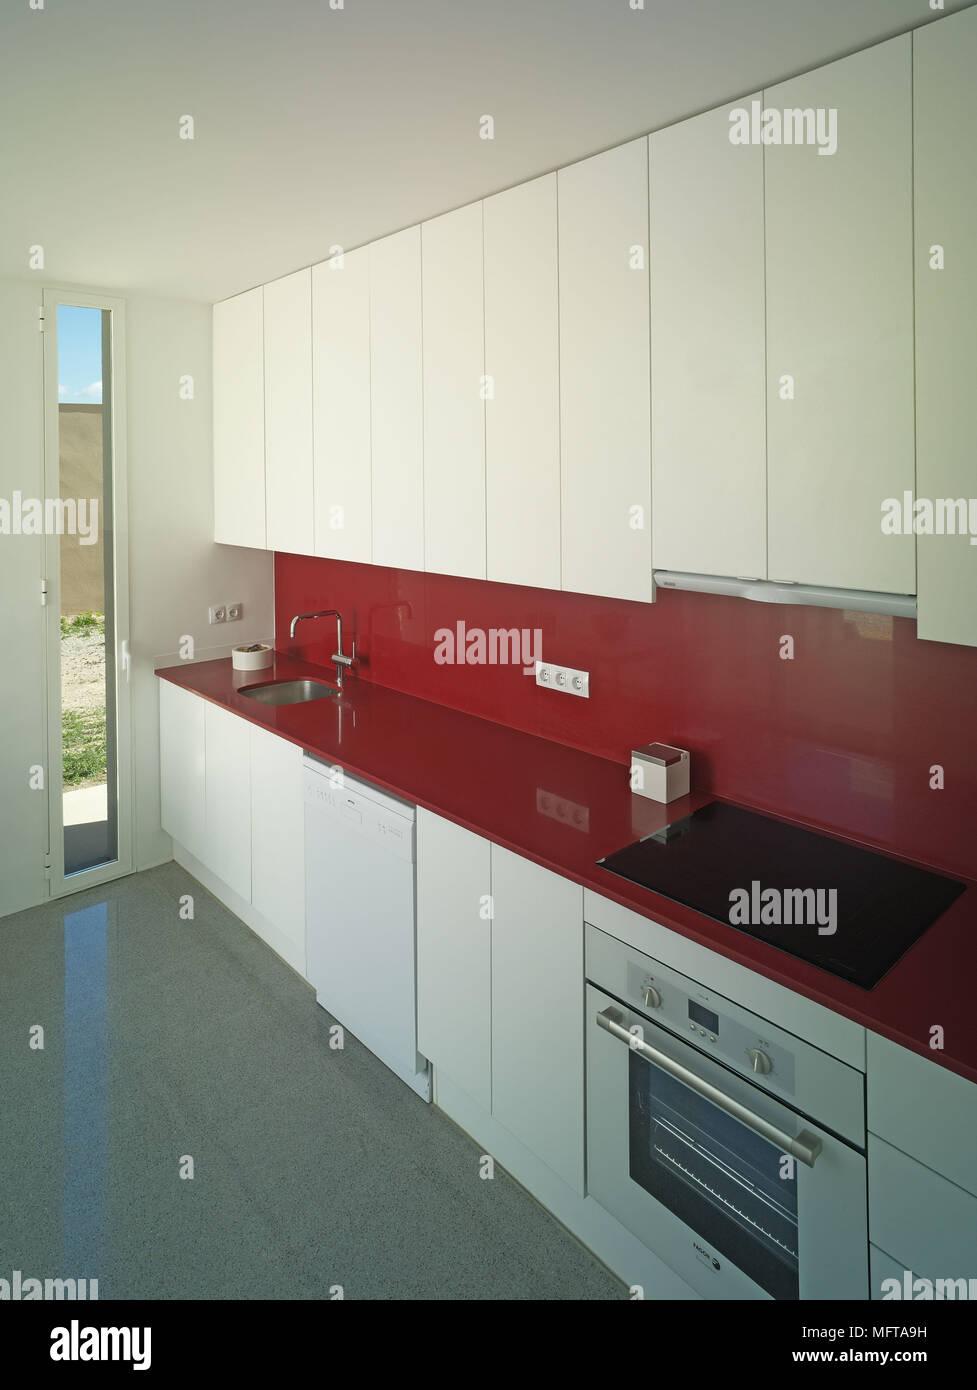 Spüle und Kocher in Rot auf der Arbeitsplatte in der Küche gesetzt ...